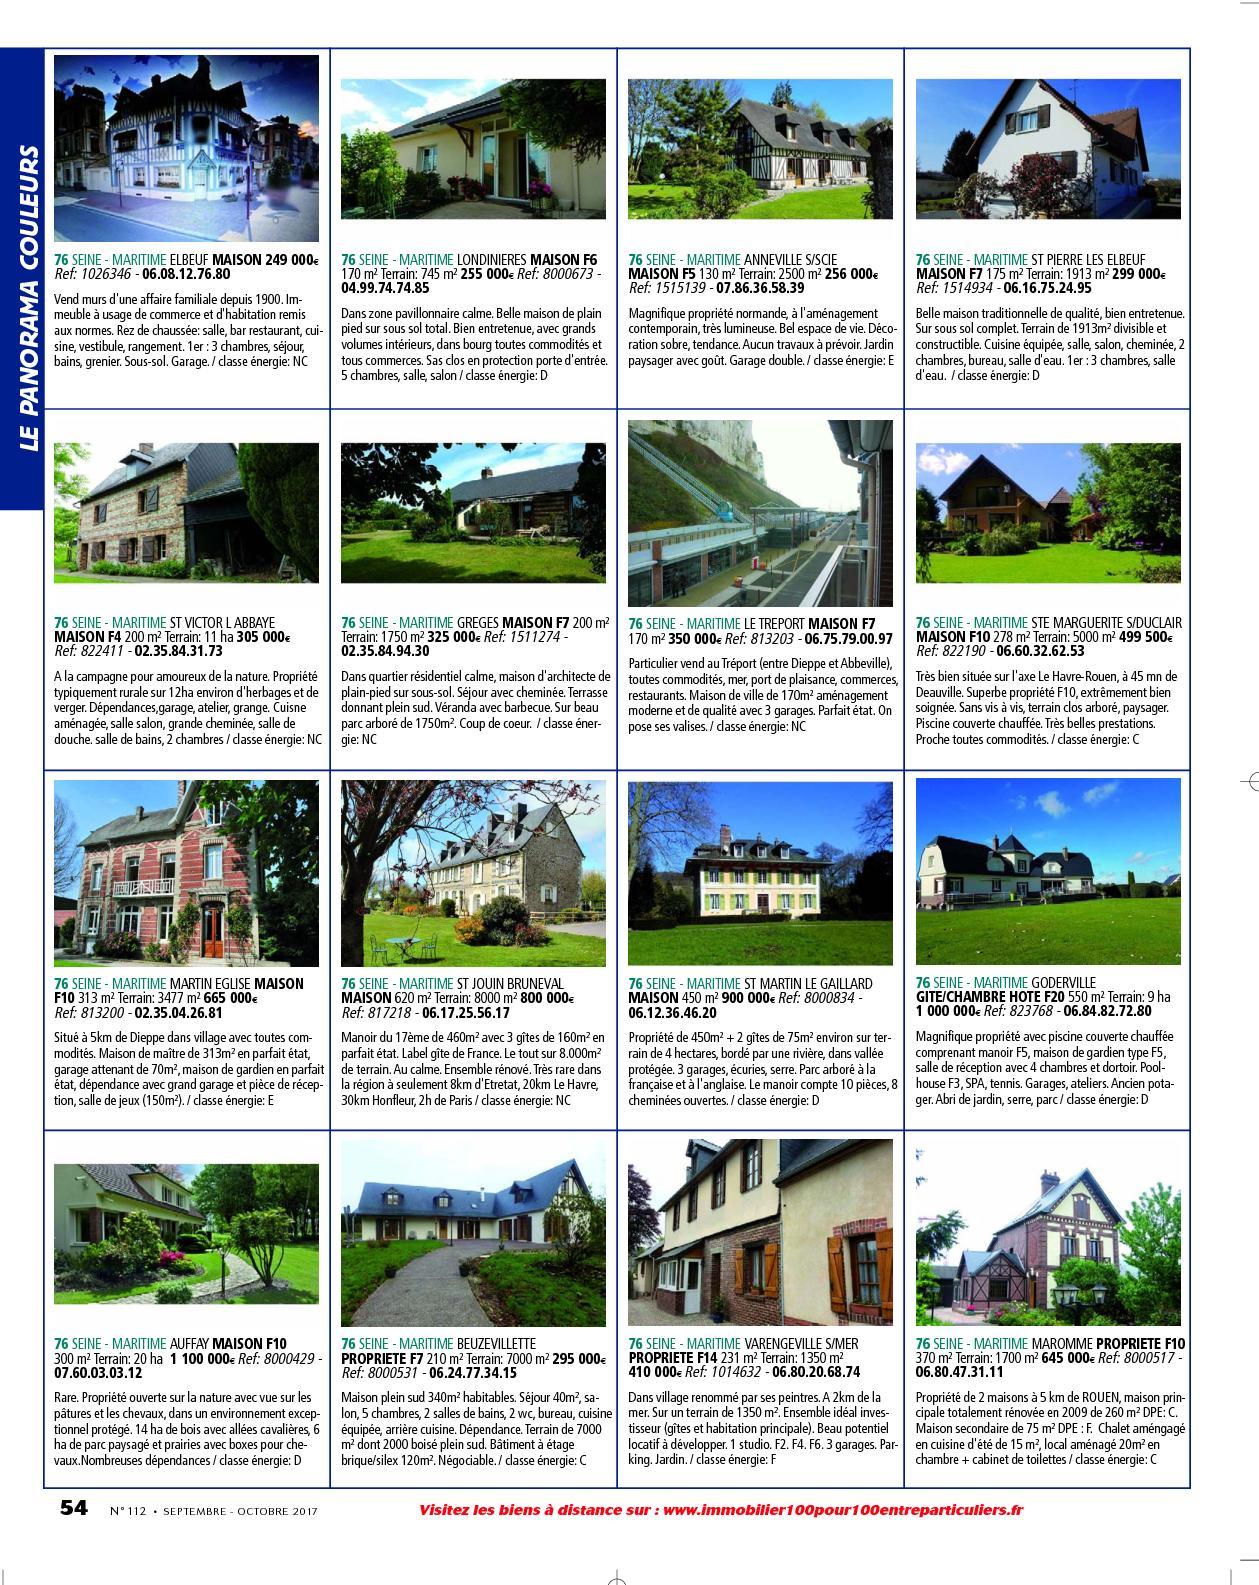 Maison Avec Travaux 77 l'immobilier 100% entre particuliers - appelimmo-n°112